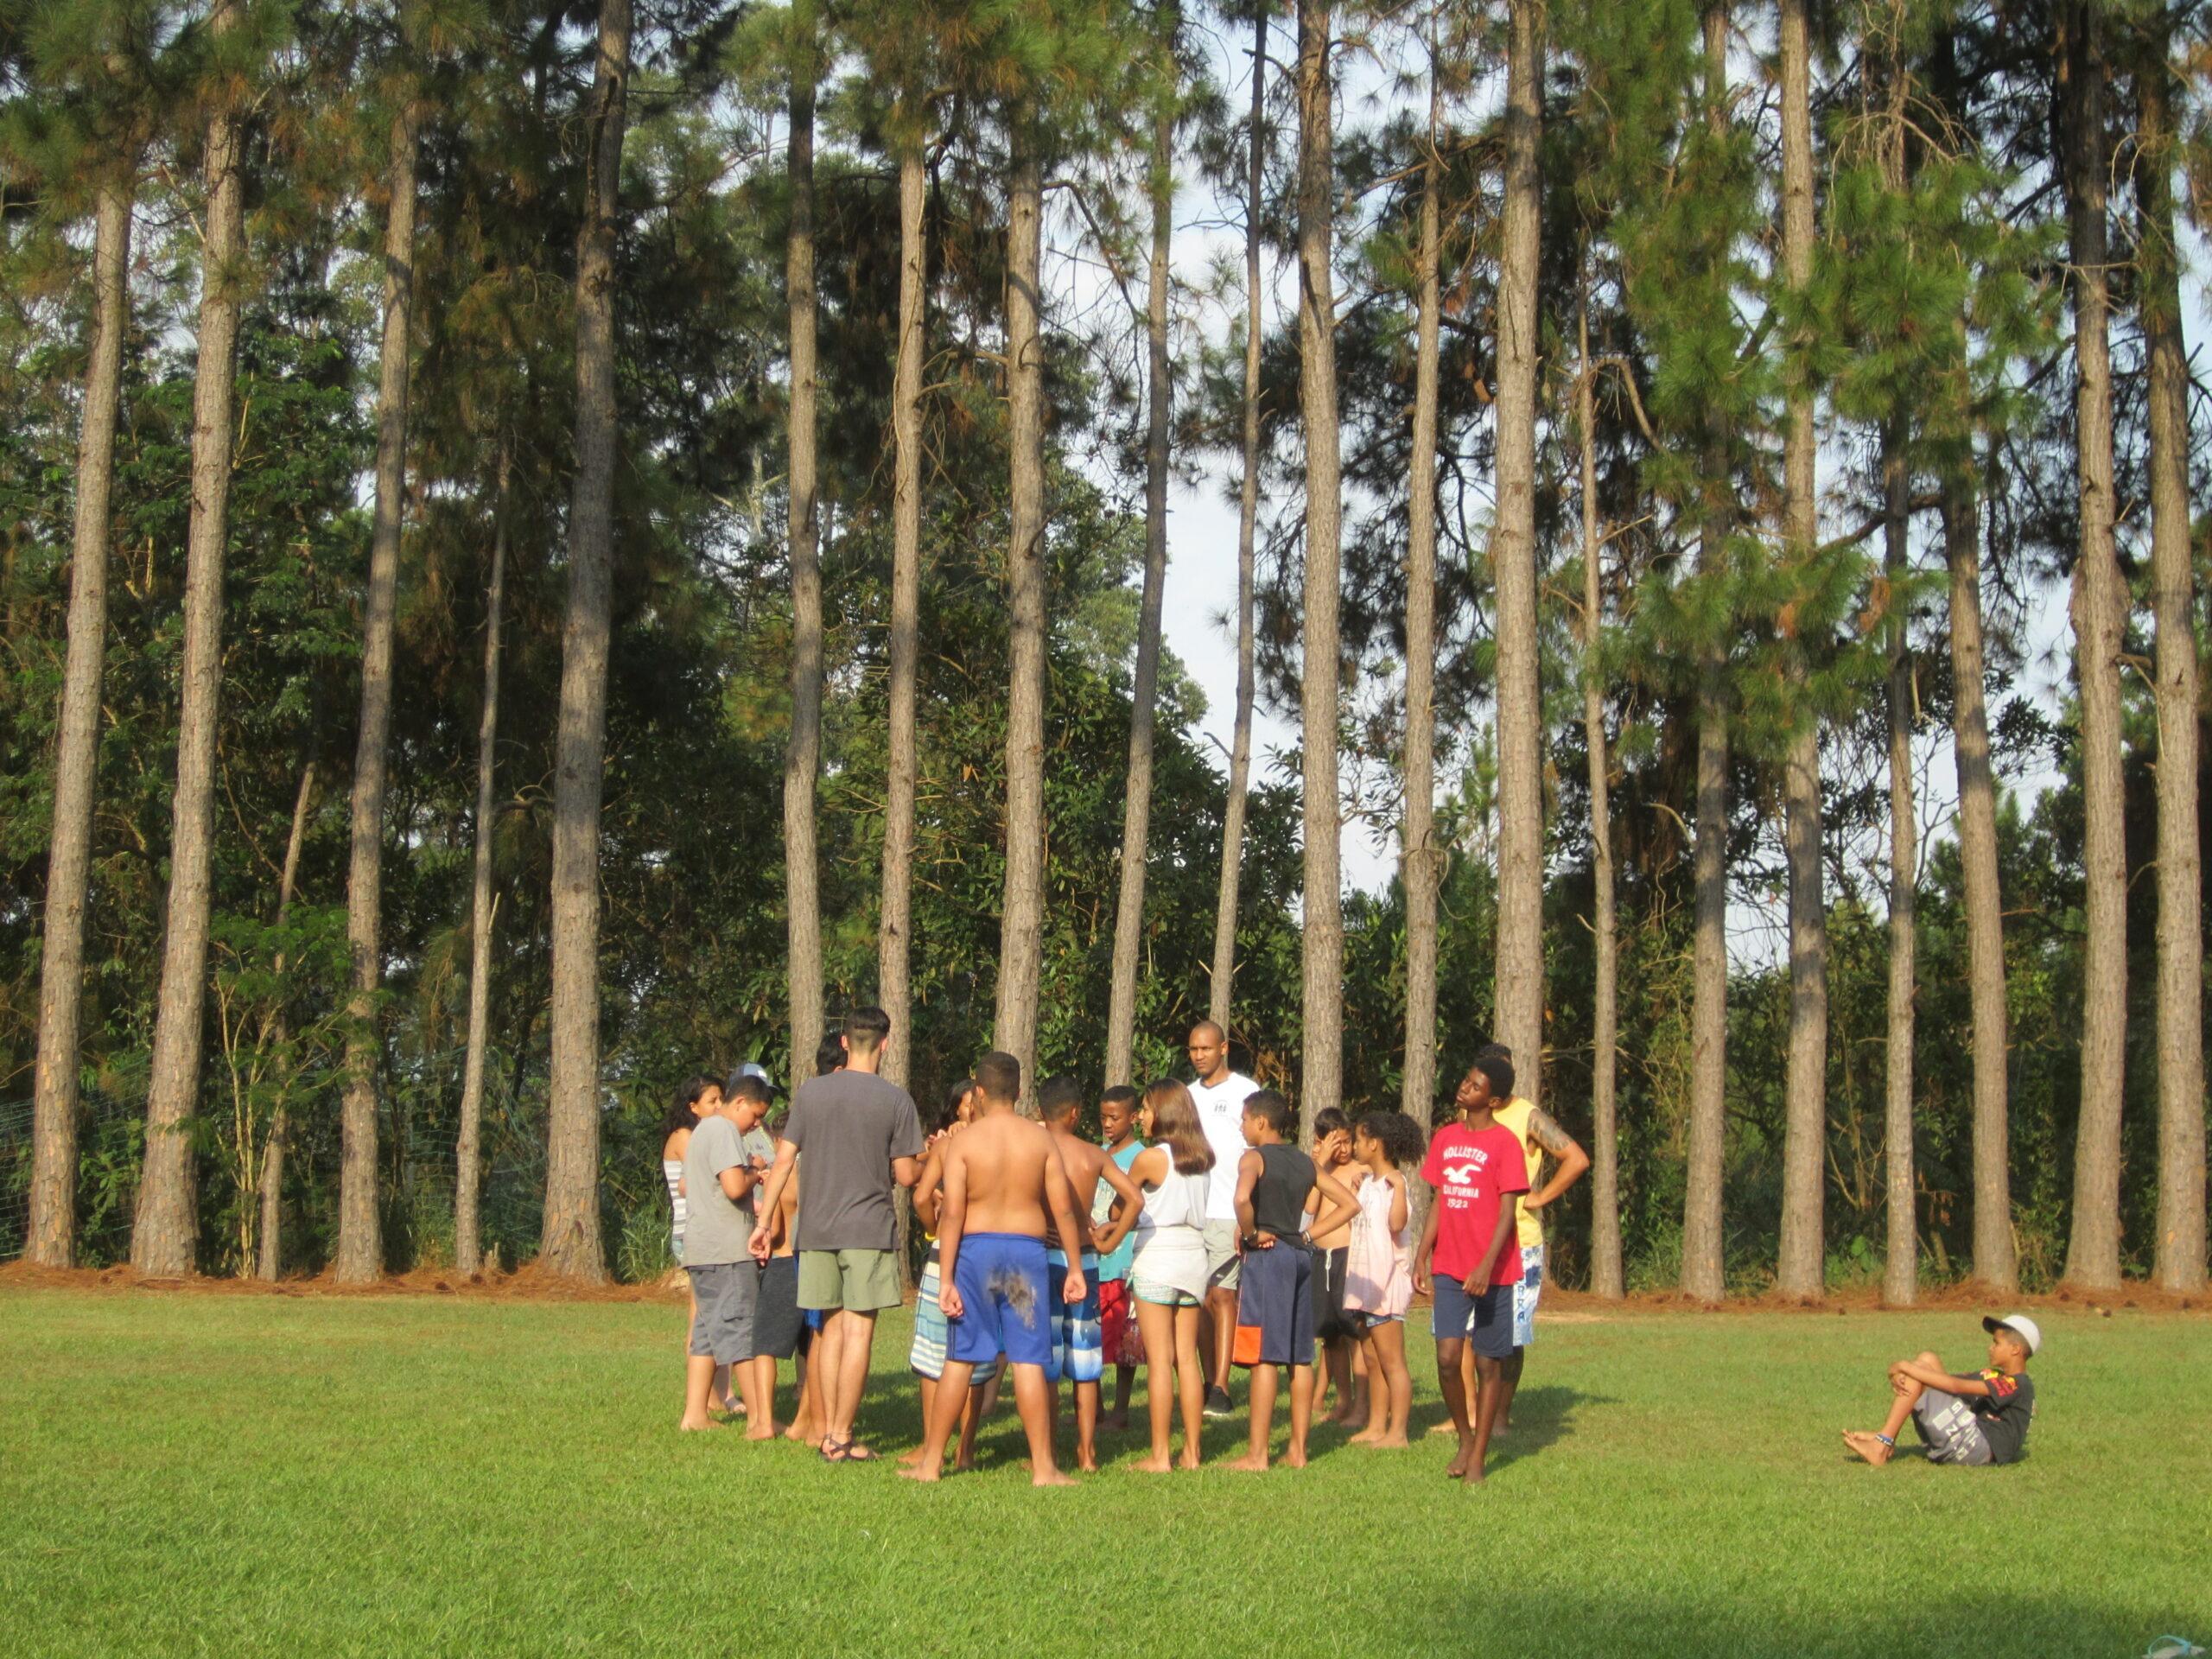 A Piece of Heaven in Brazil